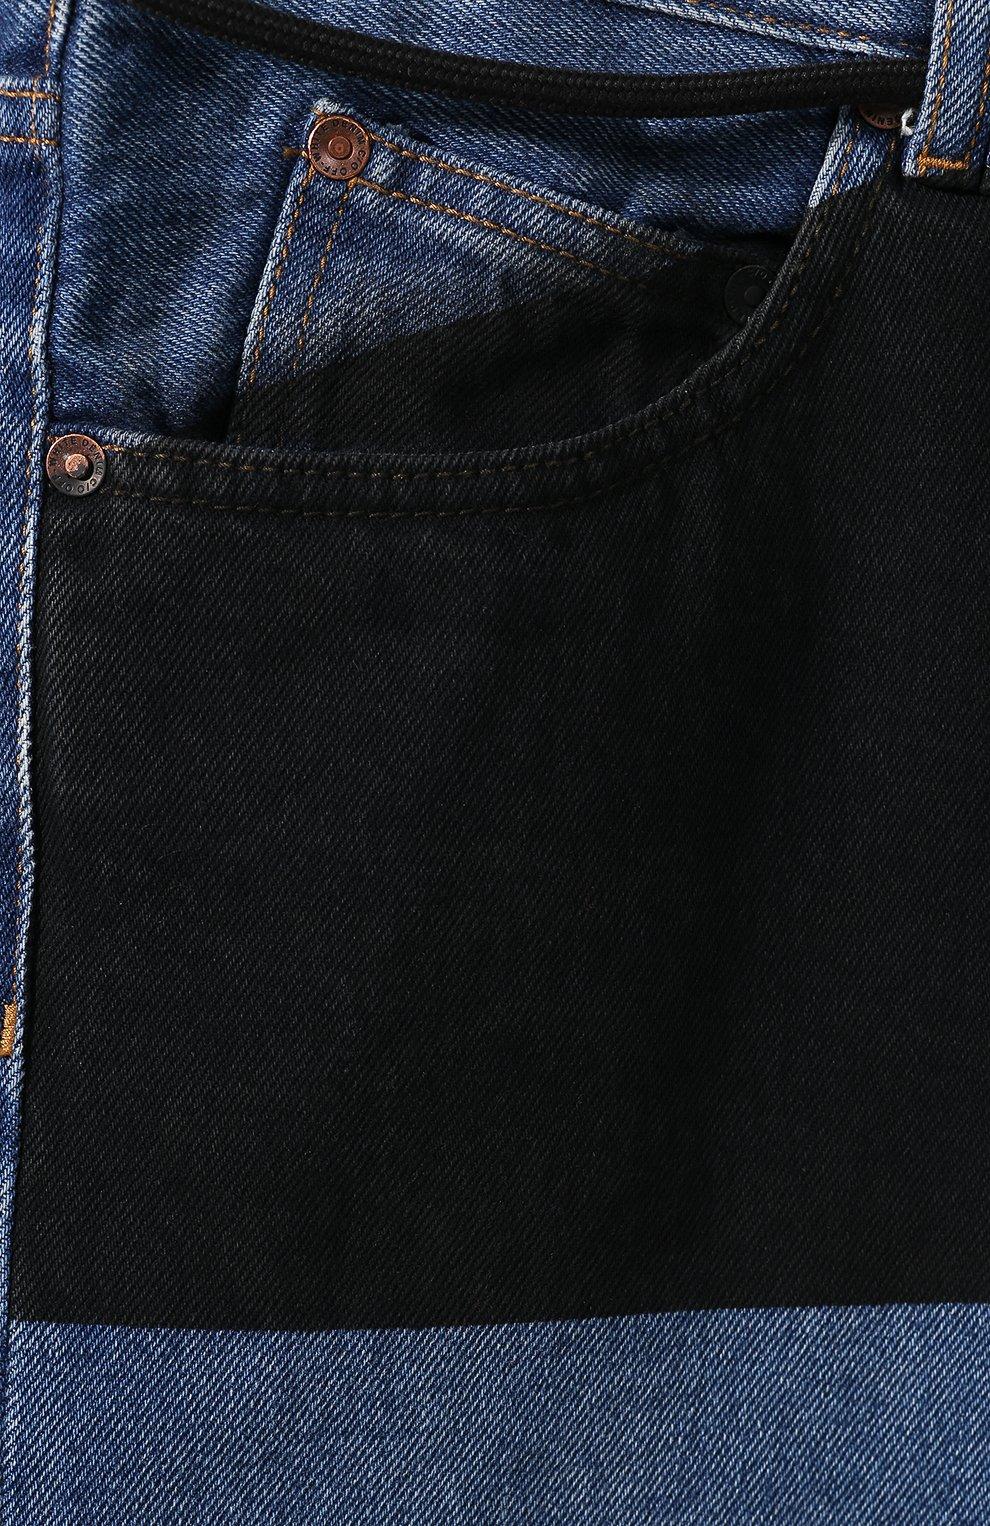 Мужские джинсы OFF-WHITE синего цвета, арт. 0MYA011E193860453228 | Фото 5